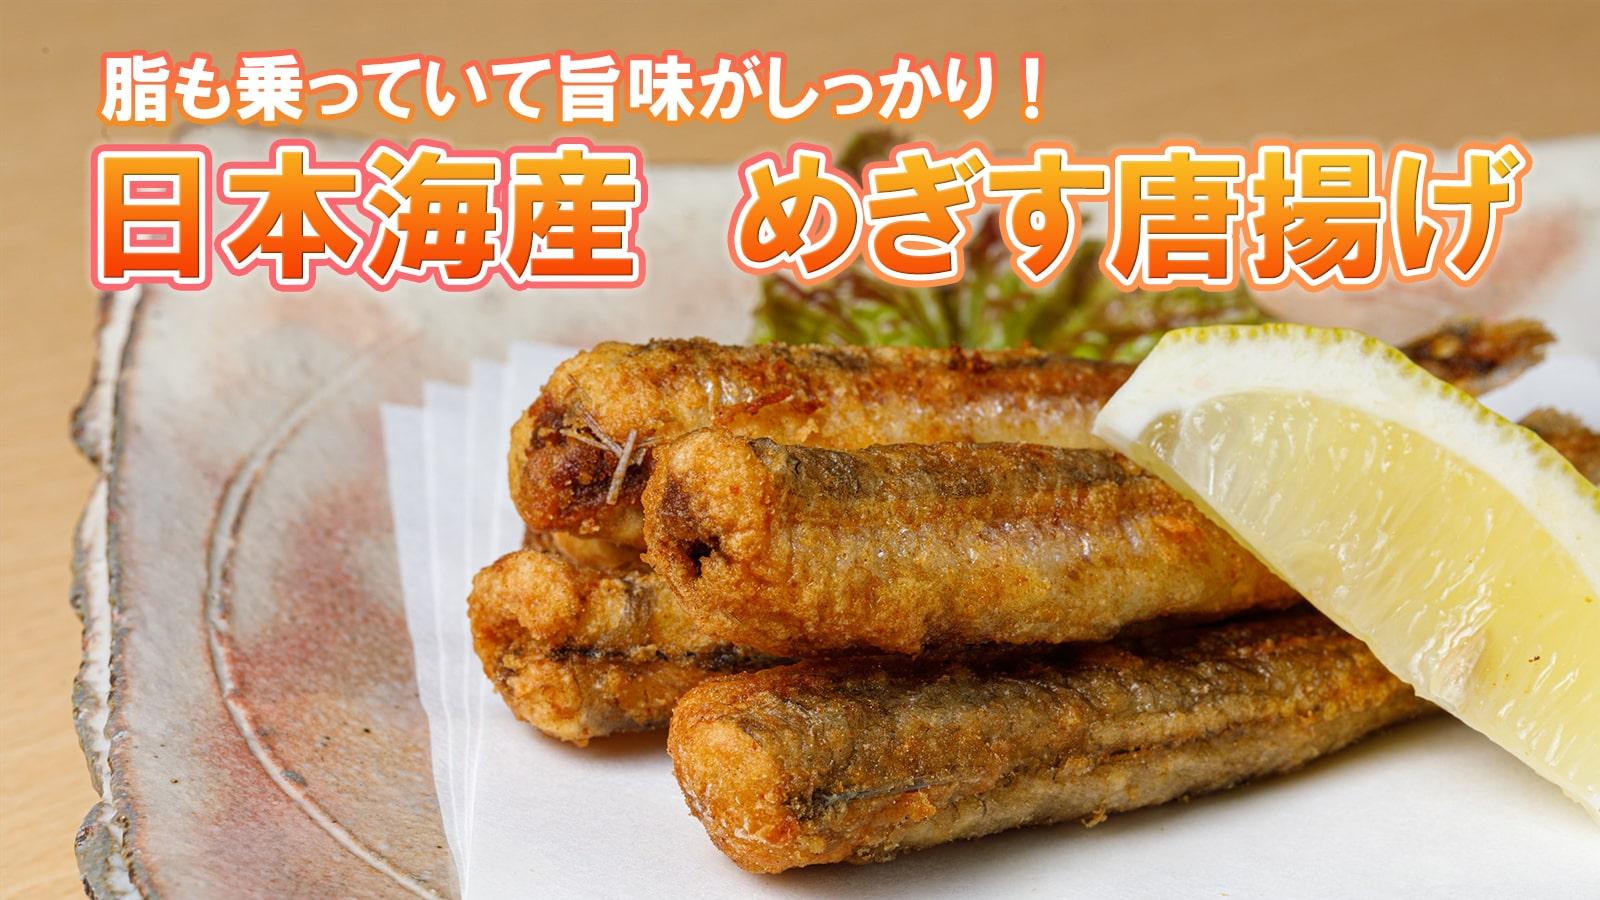 日本海産めぎす唐揚げバナー